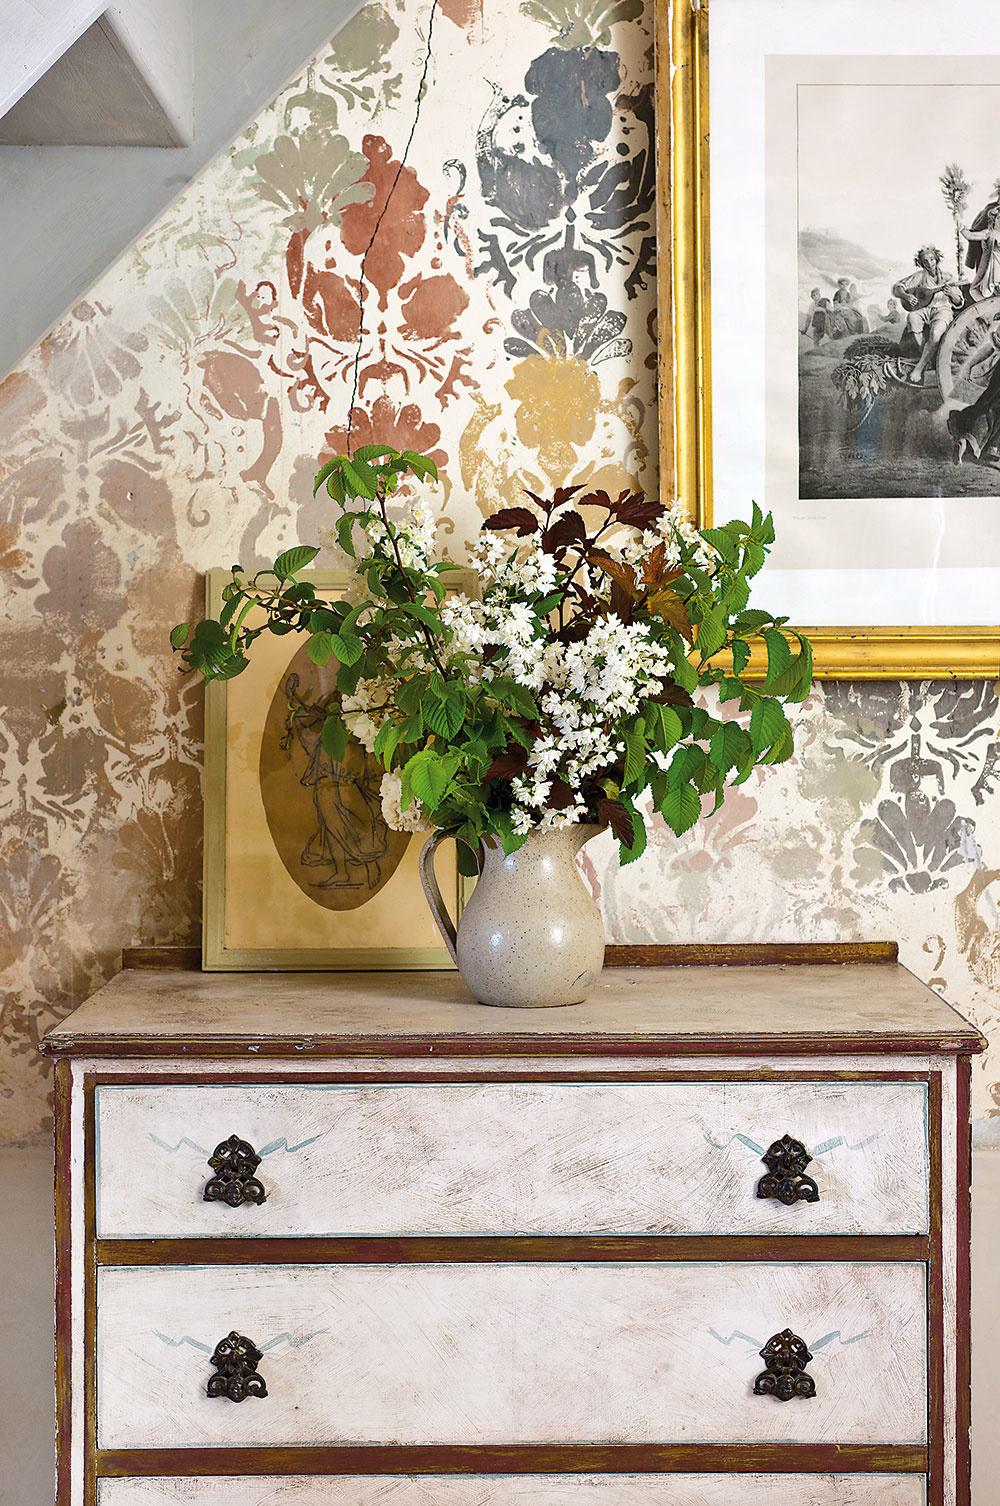 Nostalgia vkaždom kúte – staré fotografie aobrazy pripomínajú zašlé časy, všadeprítomné živé kvety, naopak, svieži prítomný okamih.